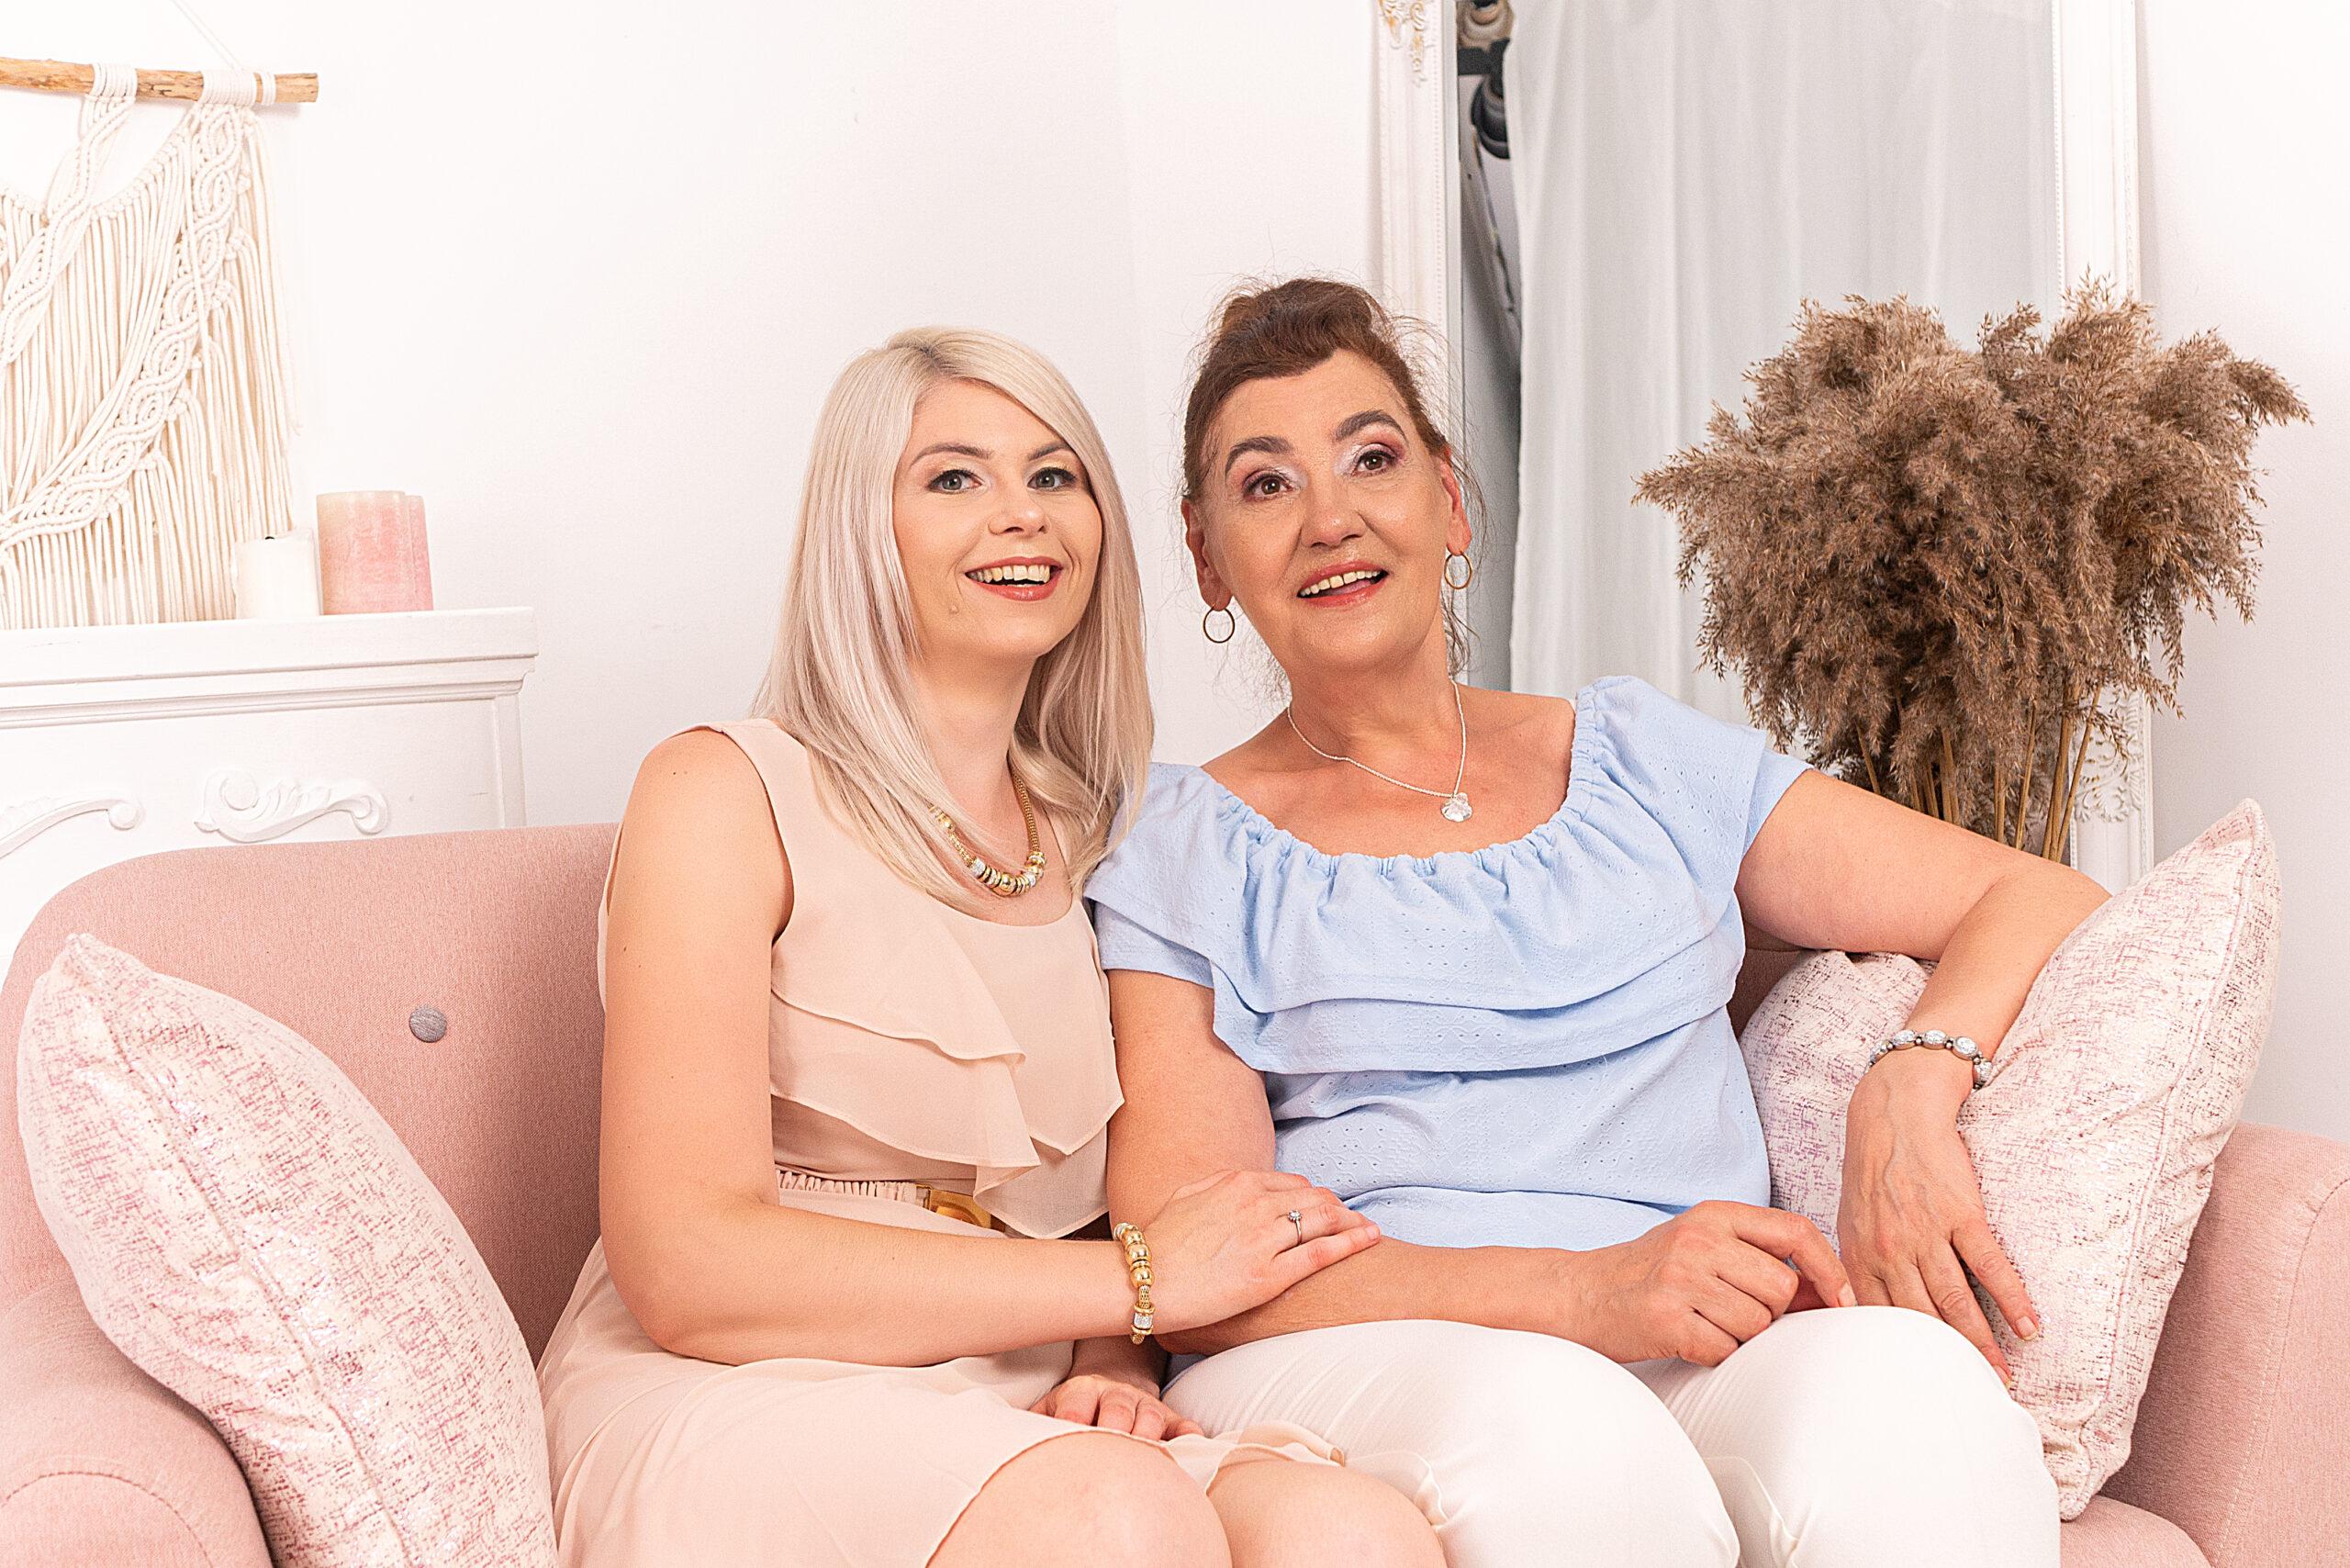 Córka i Matka sesja zdjęciowa